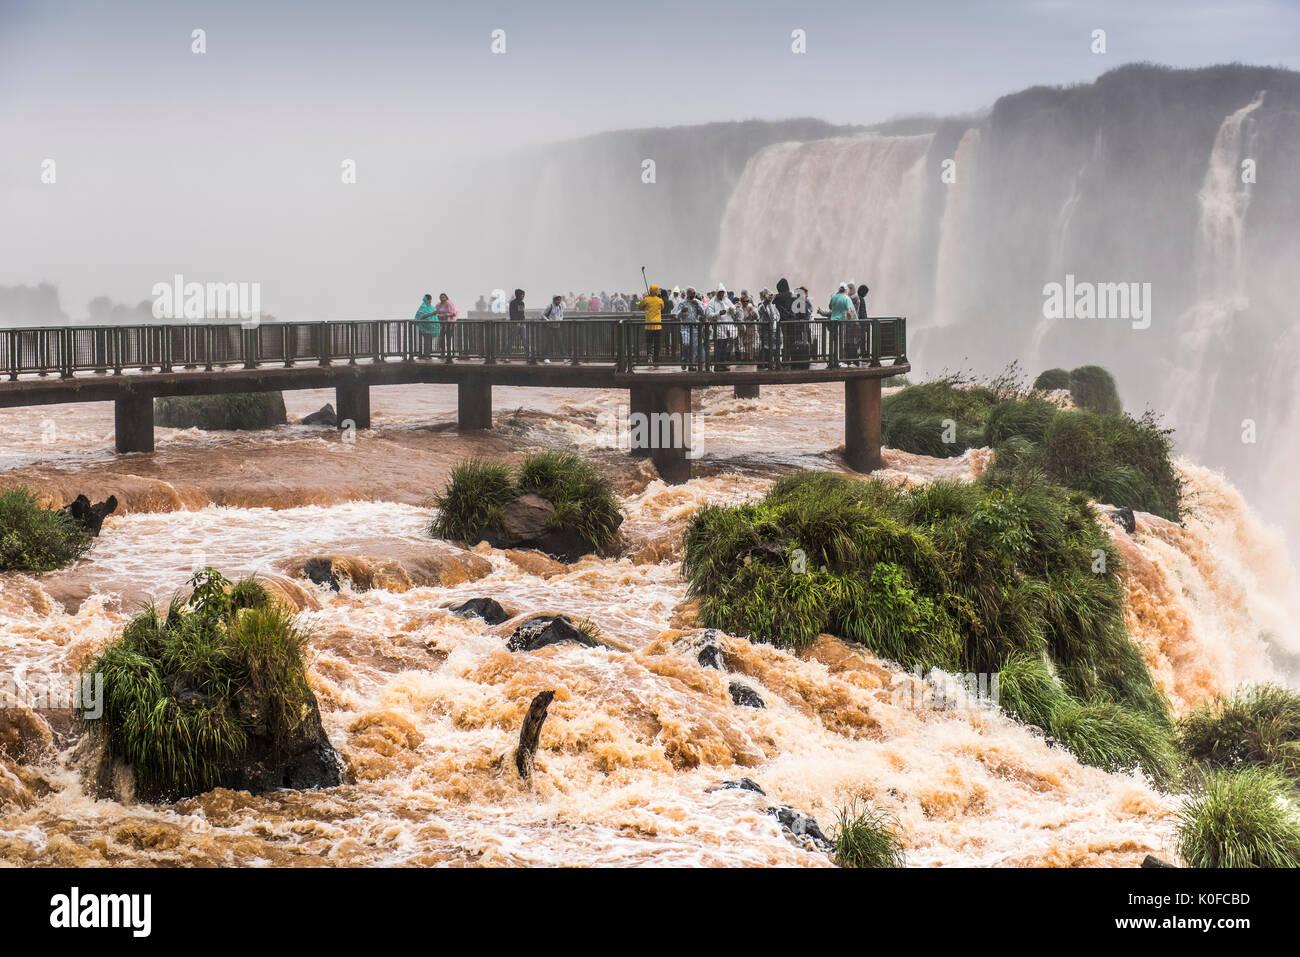 Touristen auf der Aussichtsplattform, Iguazú Wasserfälle, Foz do Iguaçu, Paraná, Brasilien Stockfoto